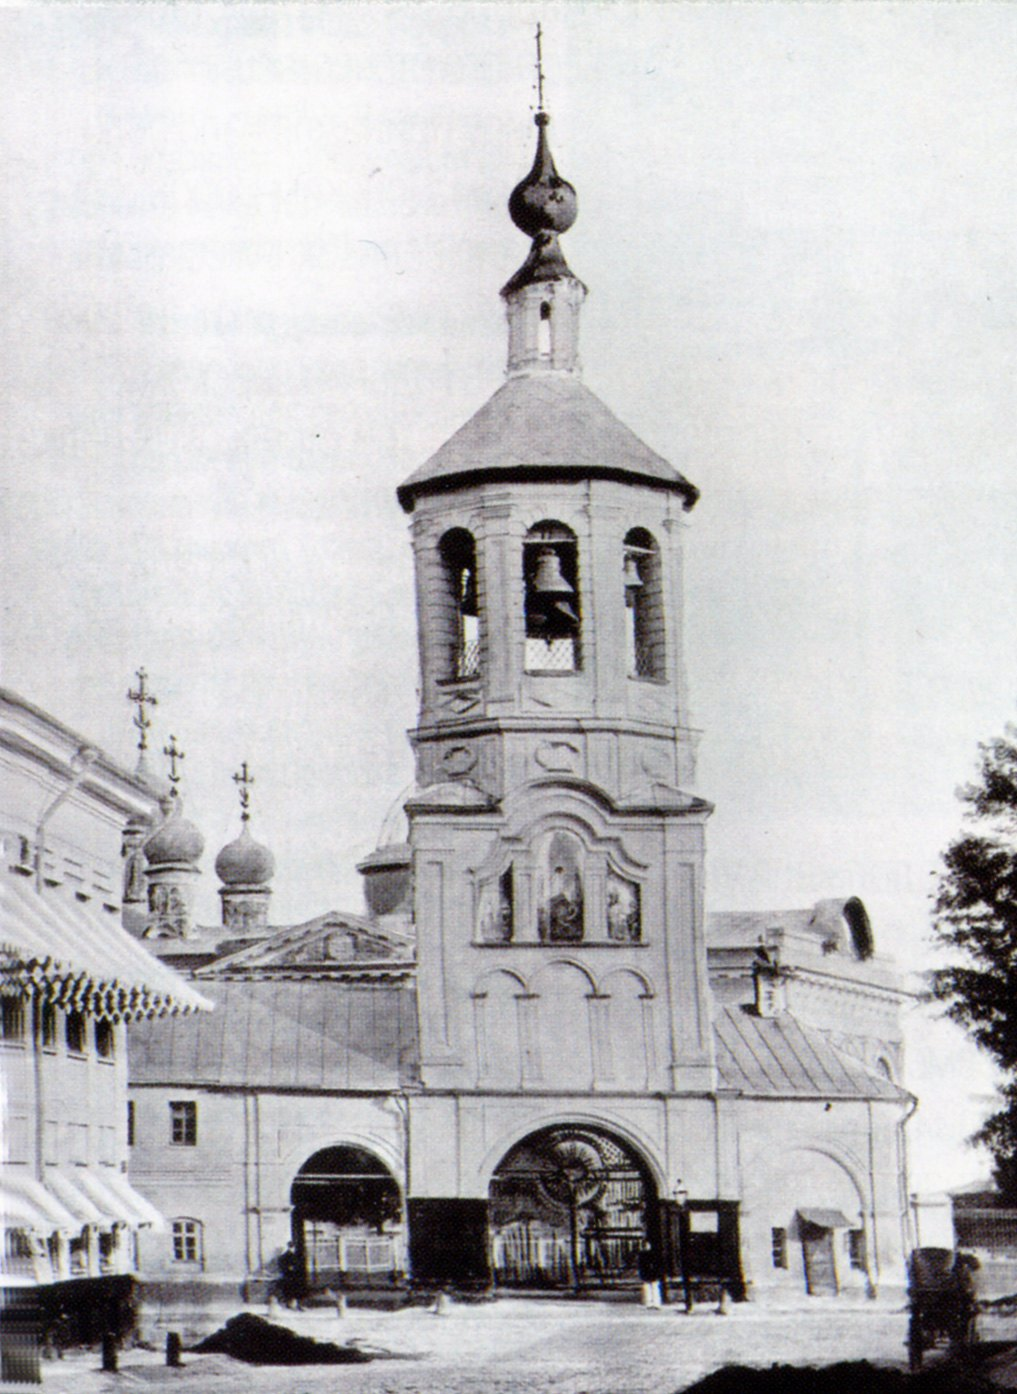 1875. Подсосенский переулок. Старая колокольня Илиинского храма